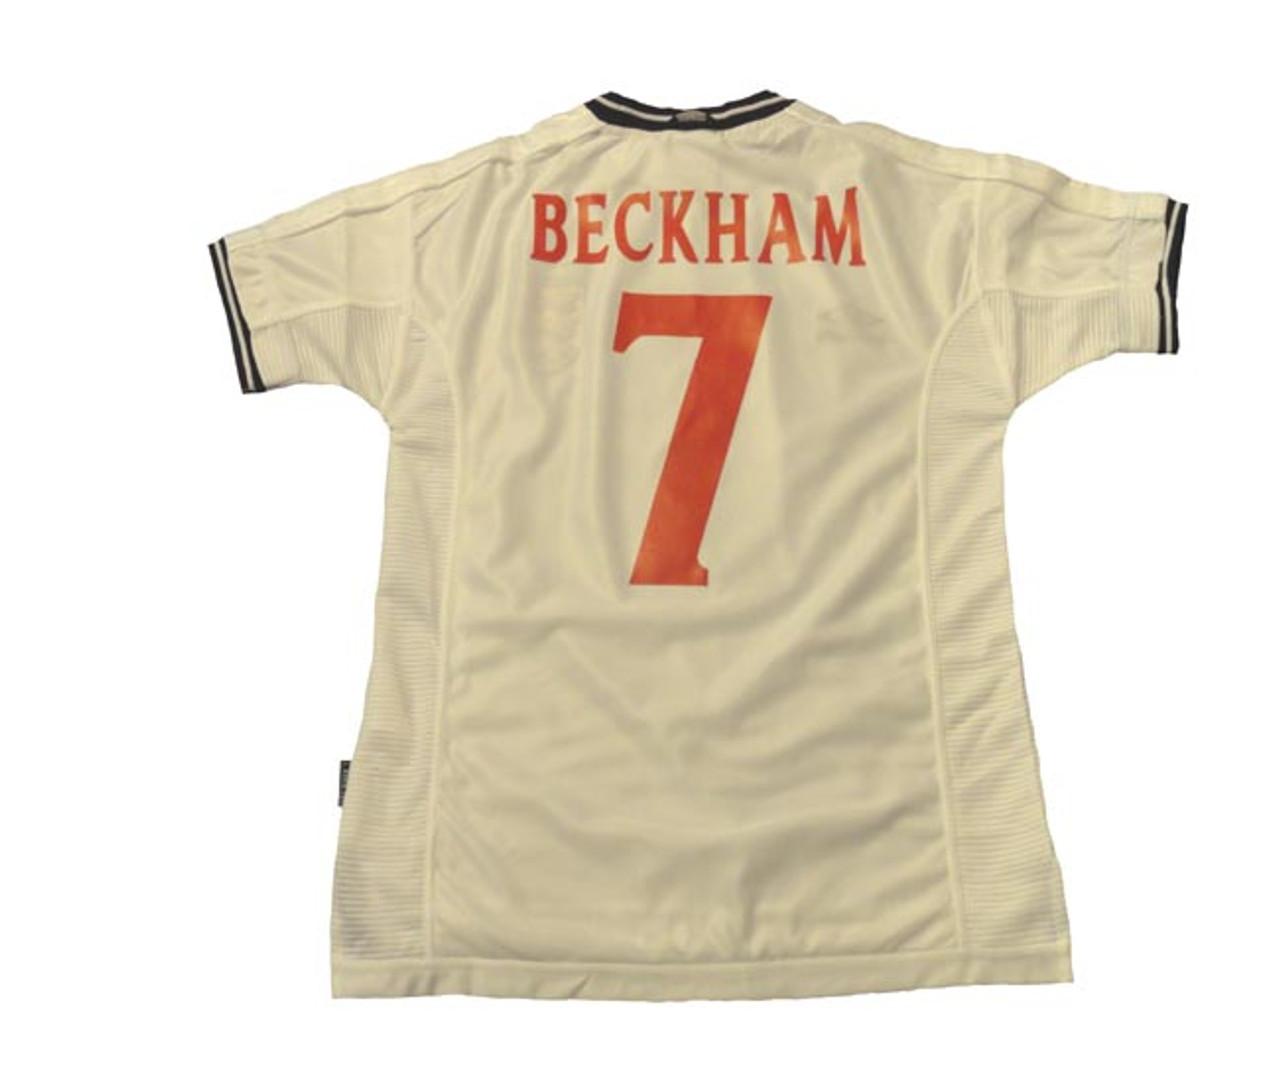 beckham jersey